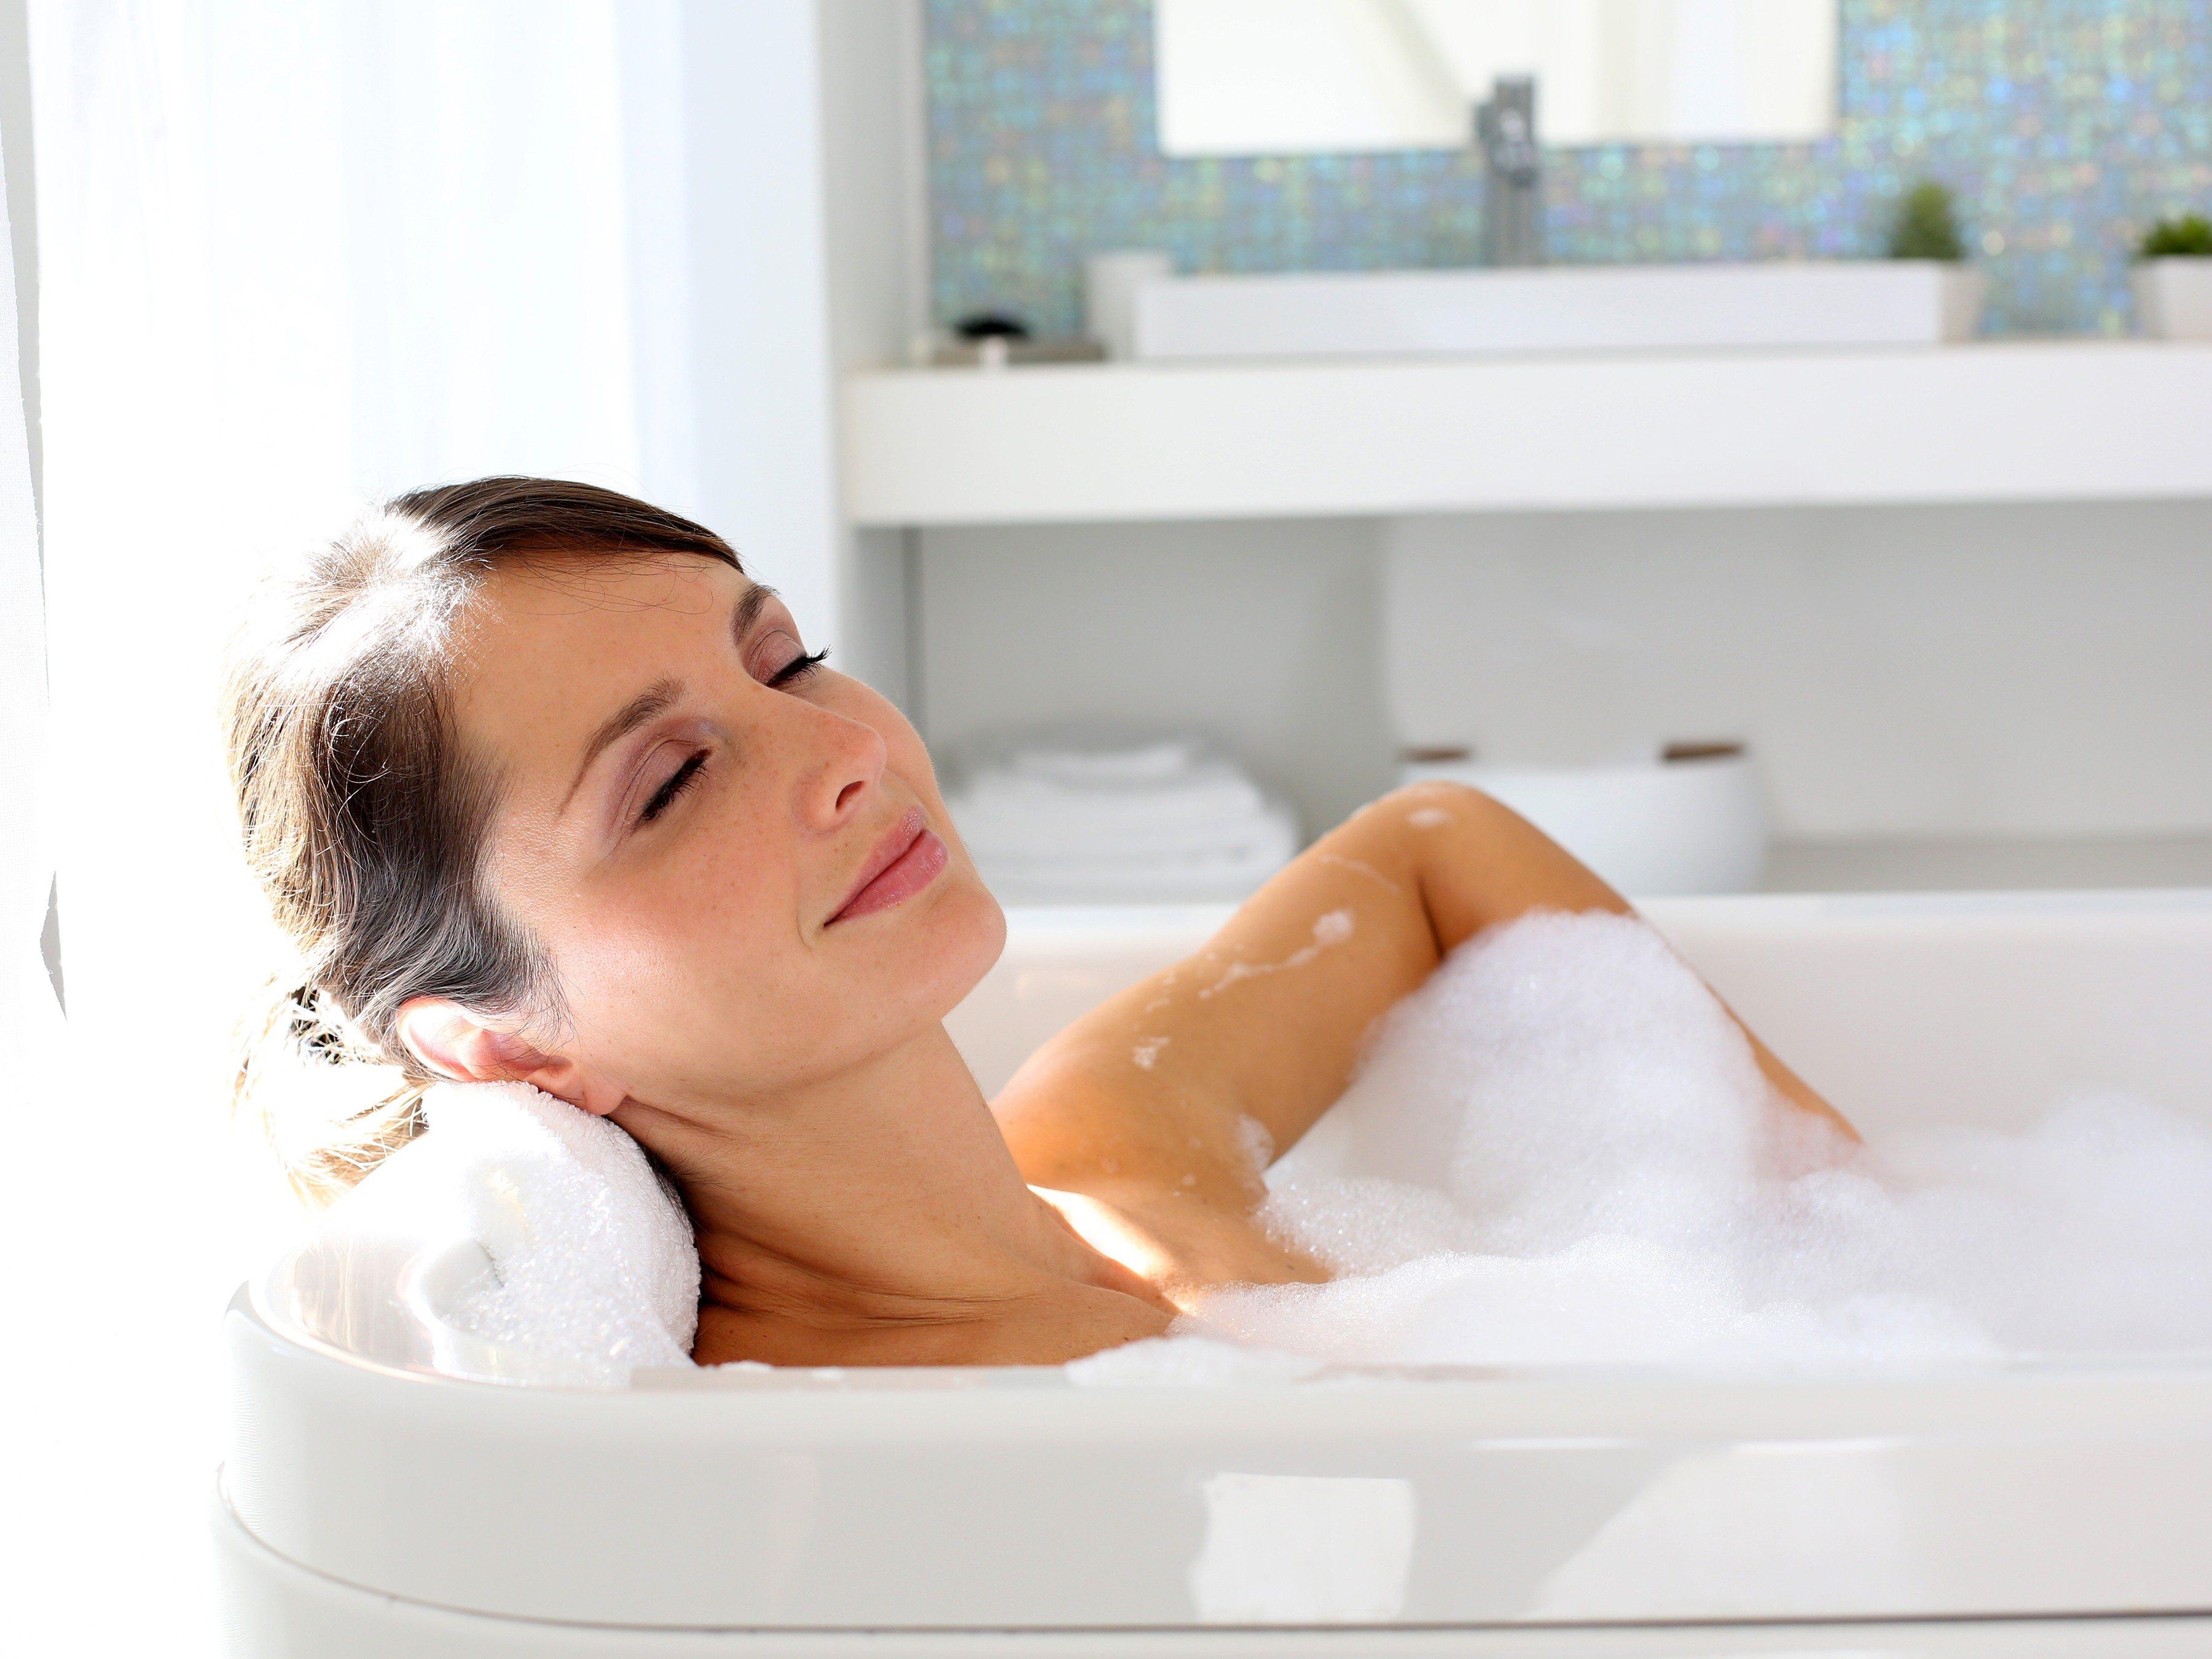 2. Take a warm bath.